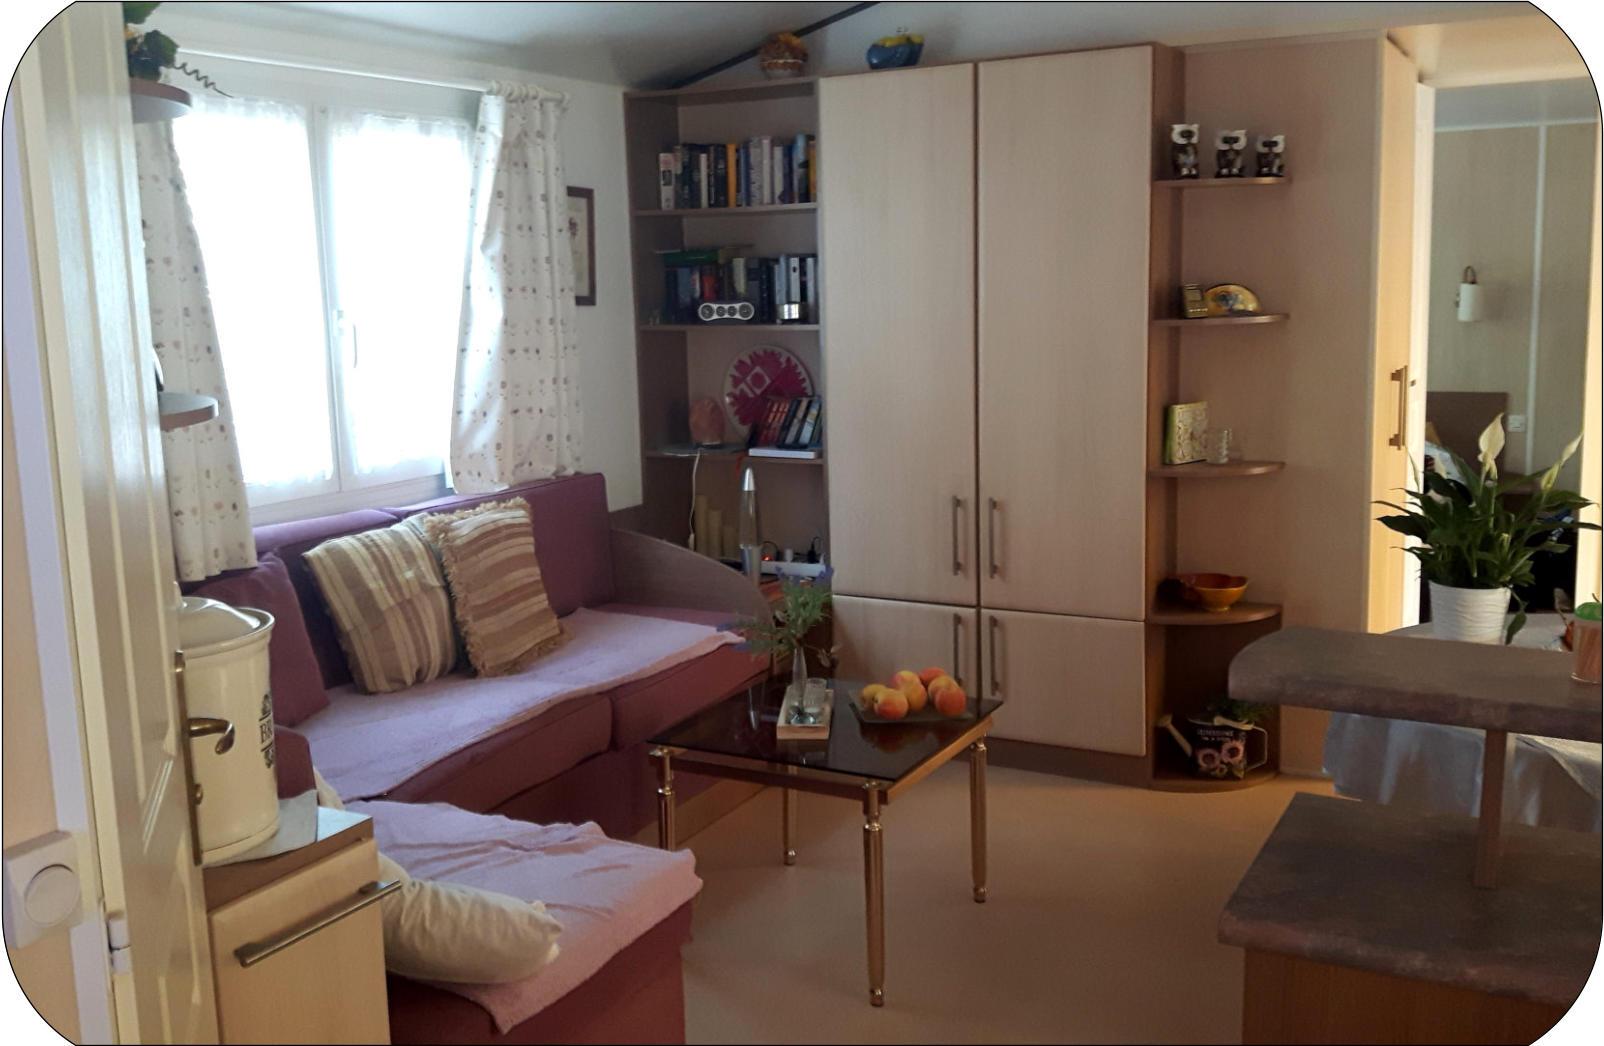 Außenküche Mit Backofen : Mobilheim